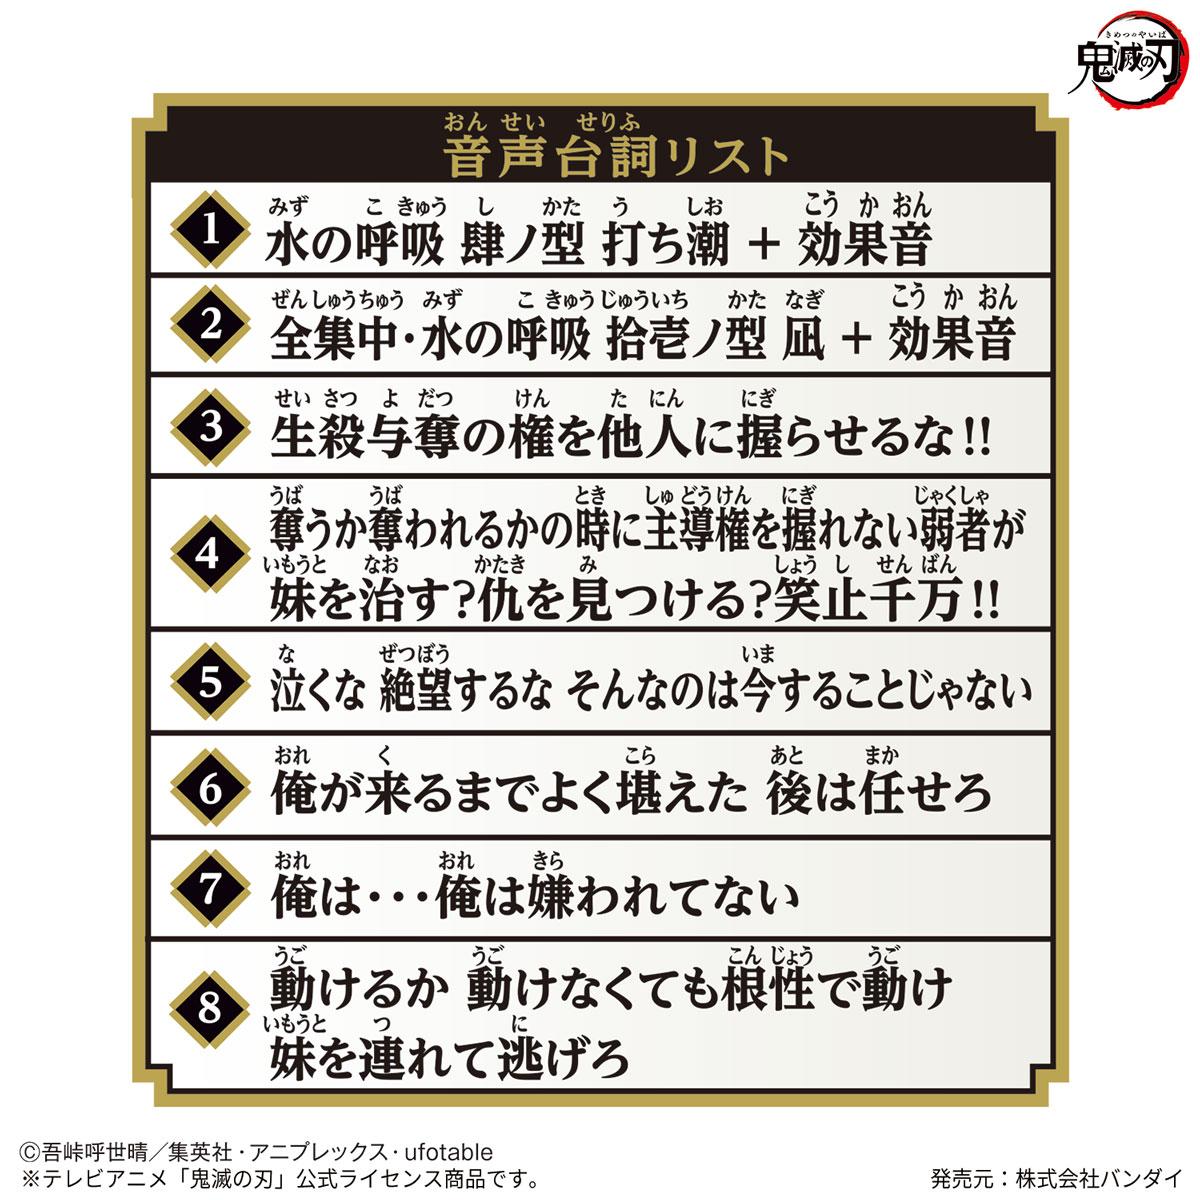 鬼滅の刃『NARIKIRI日輪刀~竈門炭治郎~』変身なりきり-020